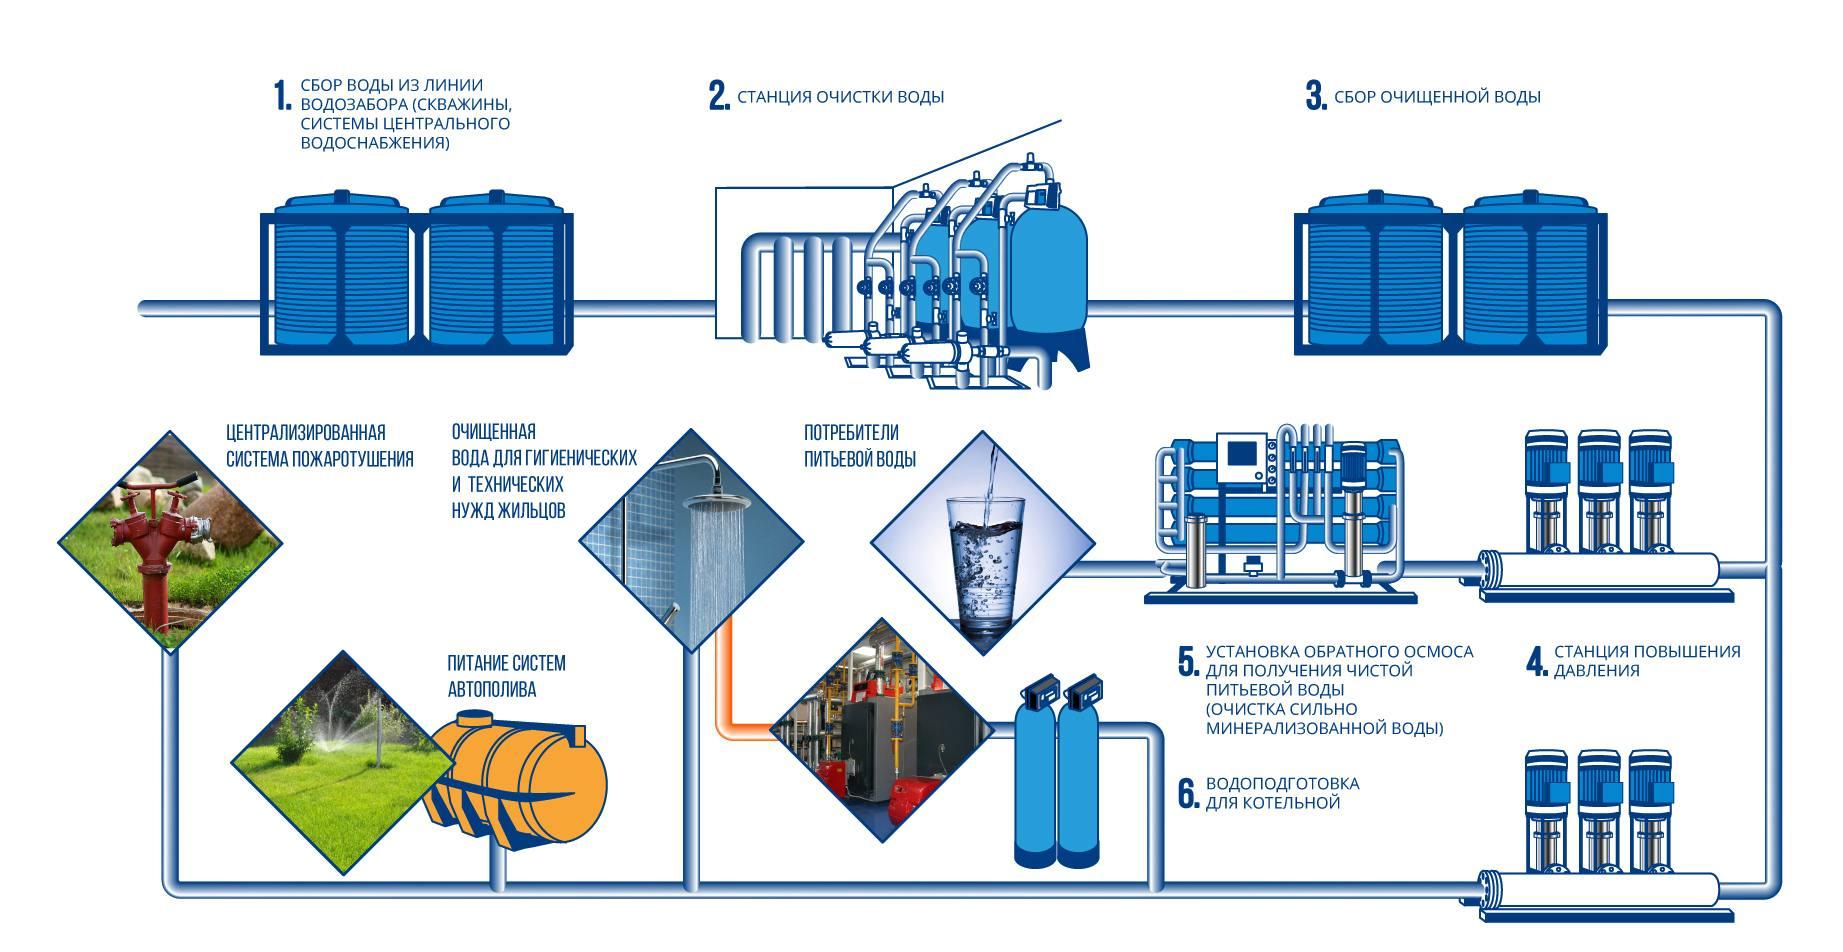 Схема автономного водоснабжения и водоподготовки